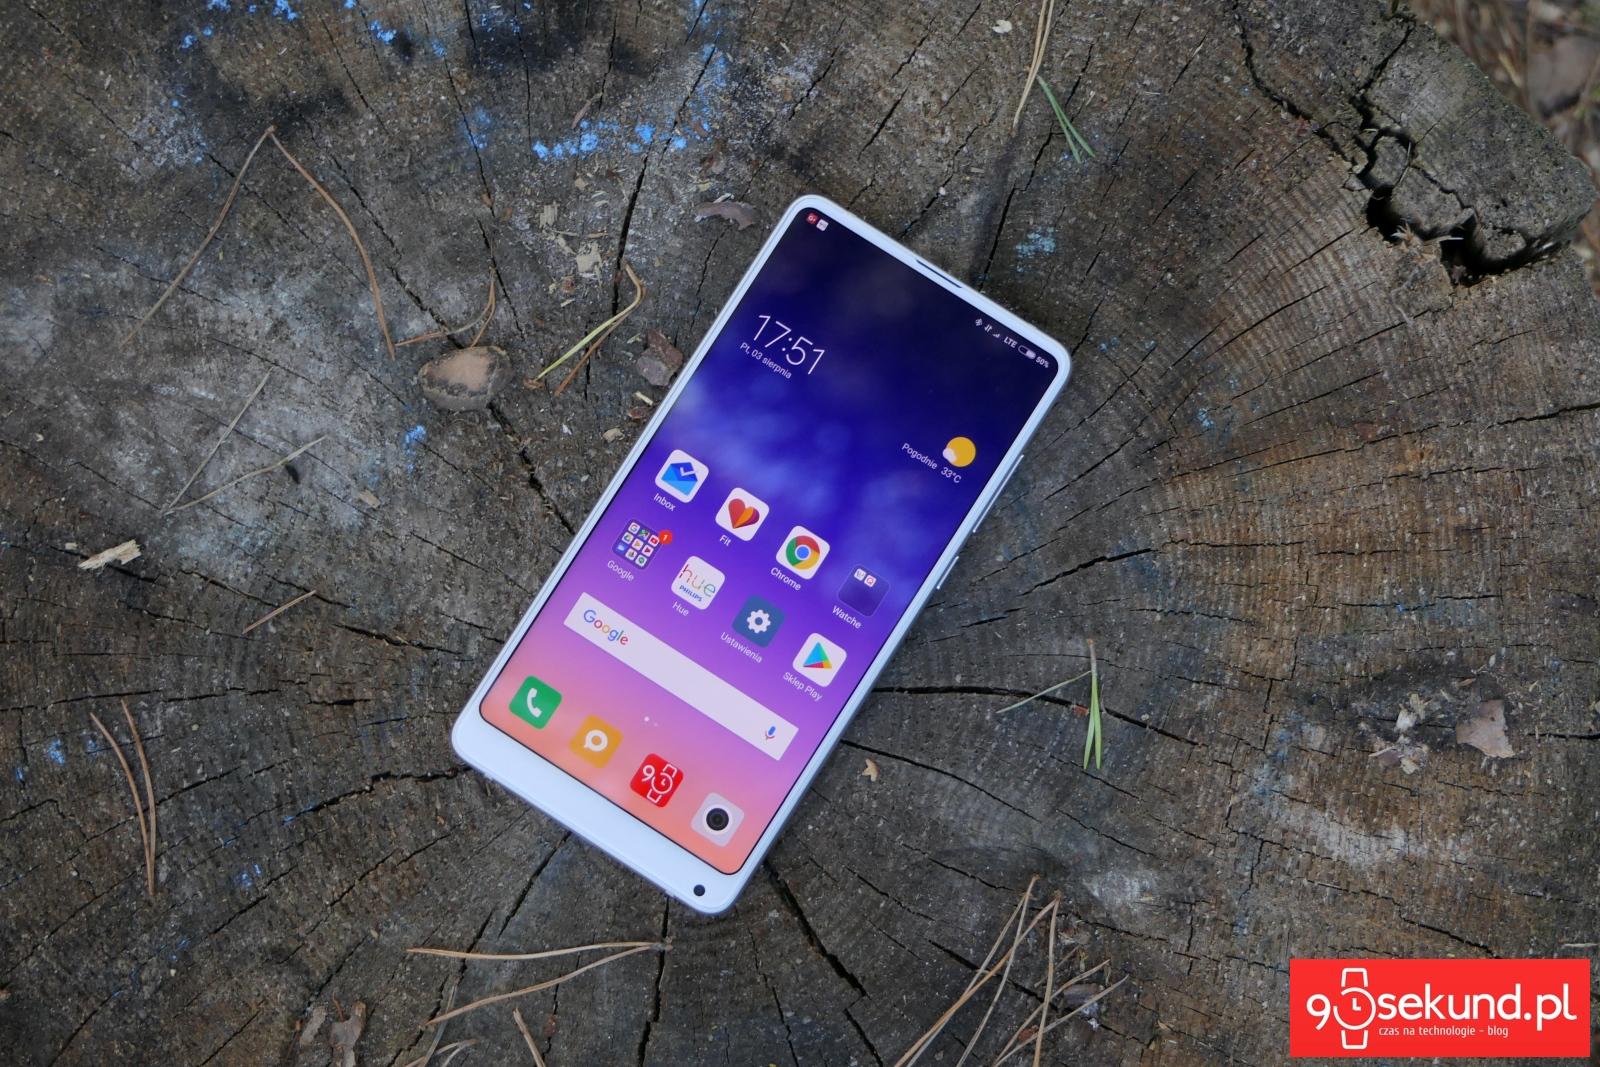 Recenzja Xiaomi Mi Mix 2s - 90sekund.pl / Michał Brożyński